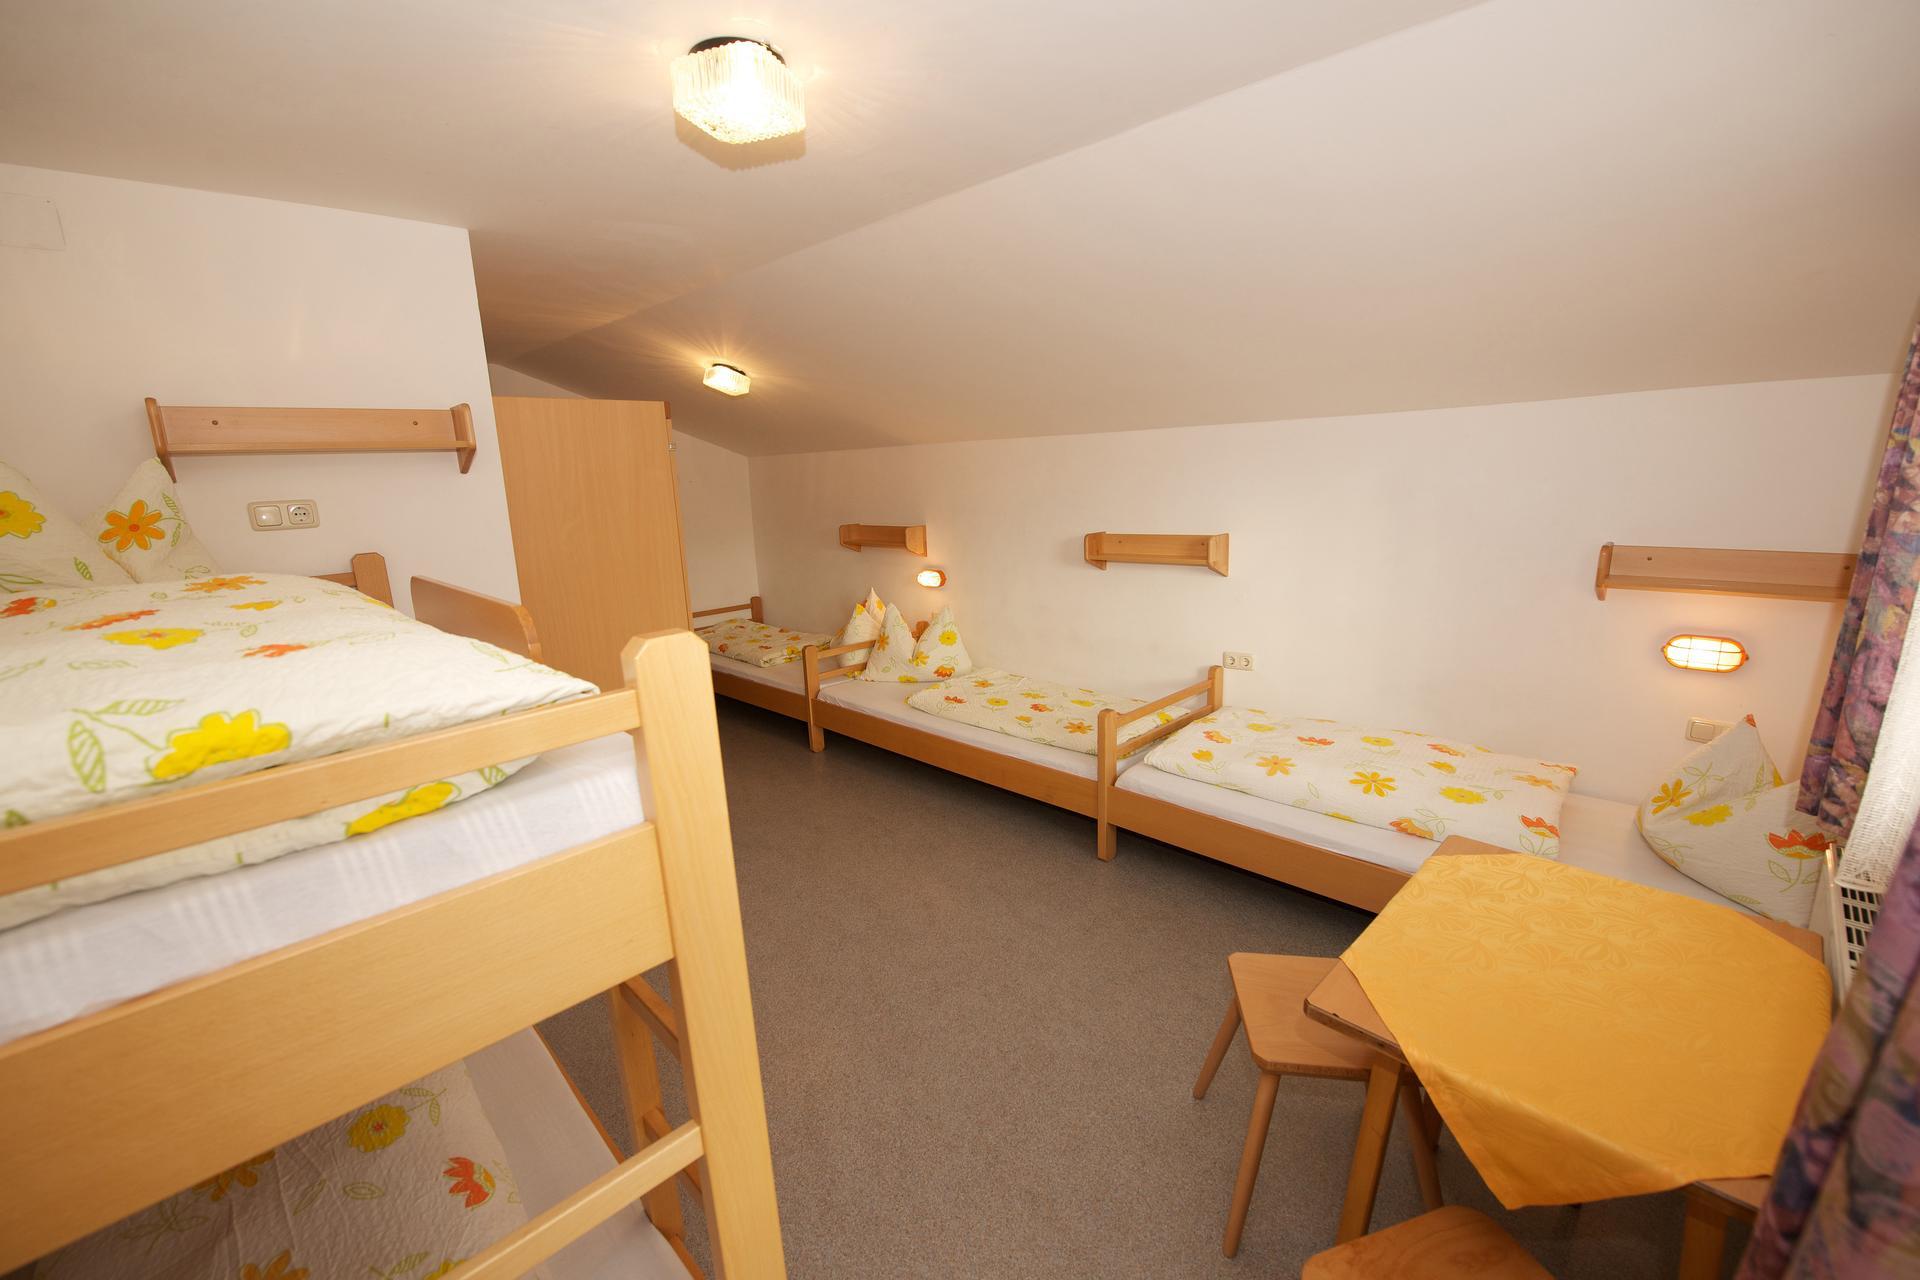 zimmer f r jugendgruppen jugendferienhaus salitererhof. Black Bedroom Furniture Sets. Home Design Ideas